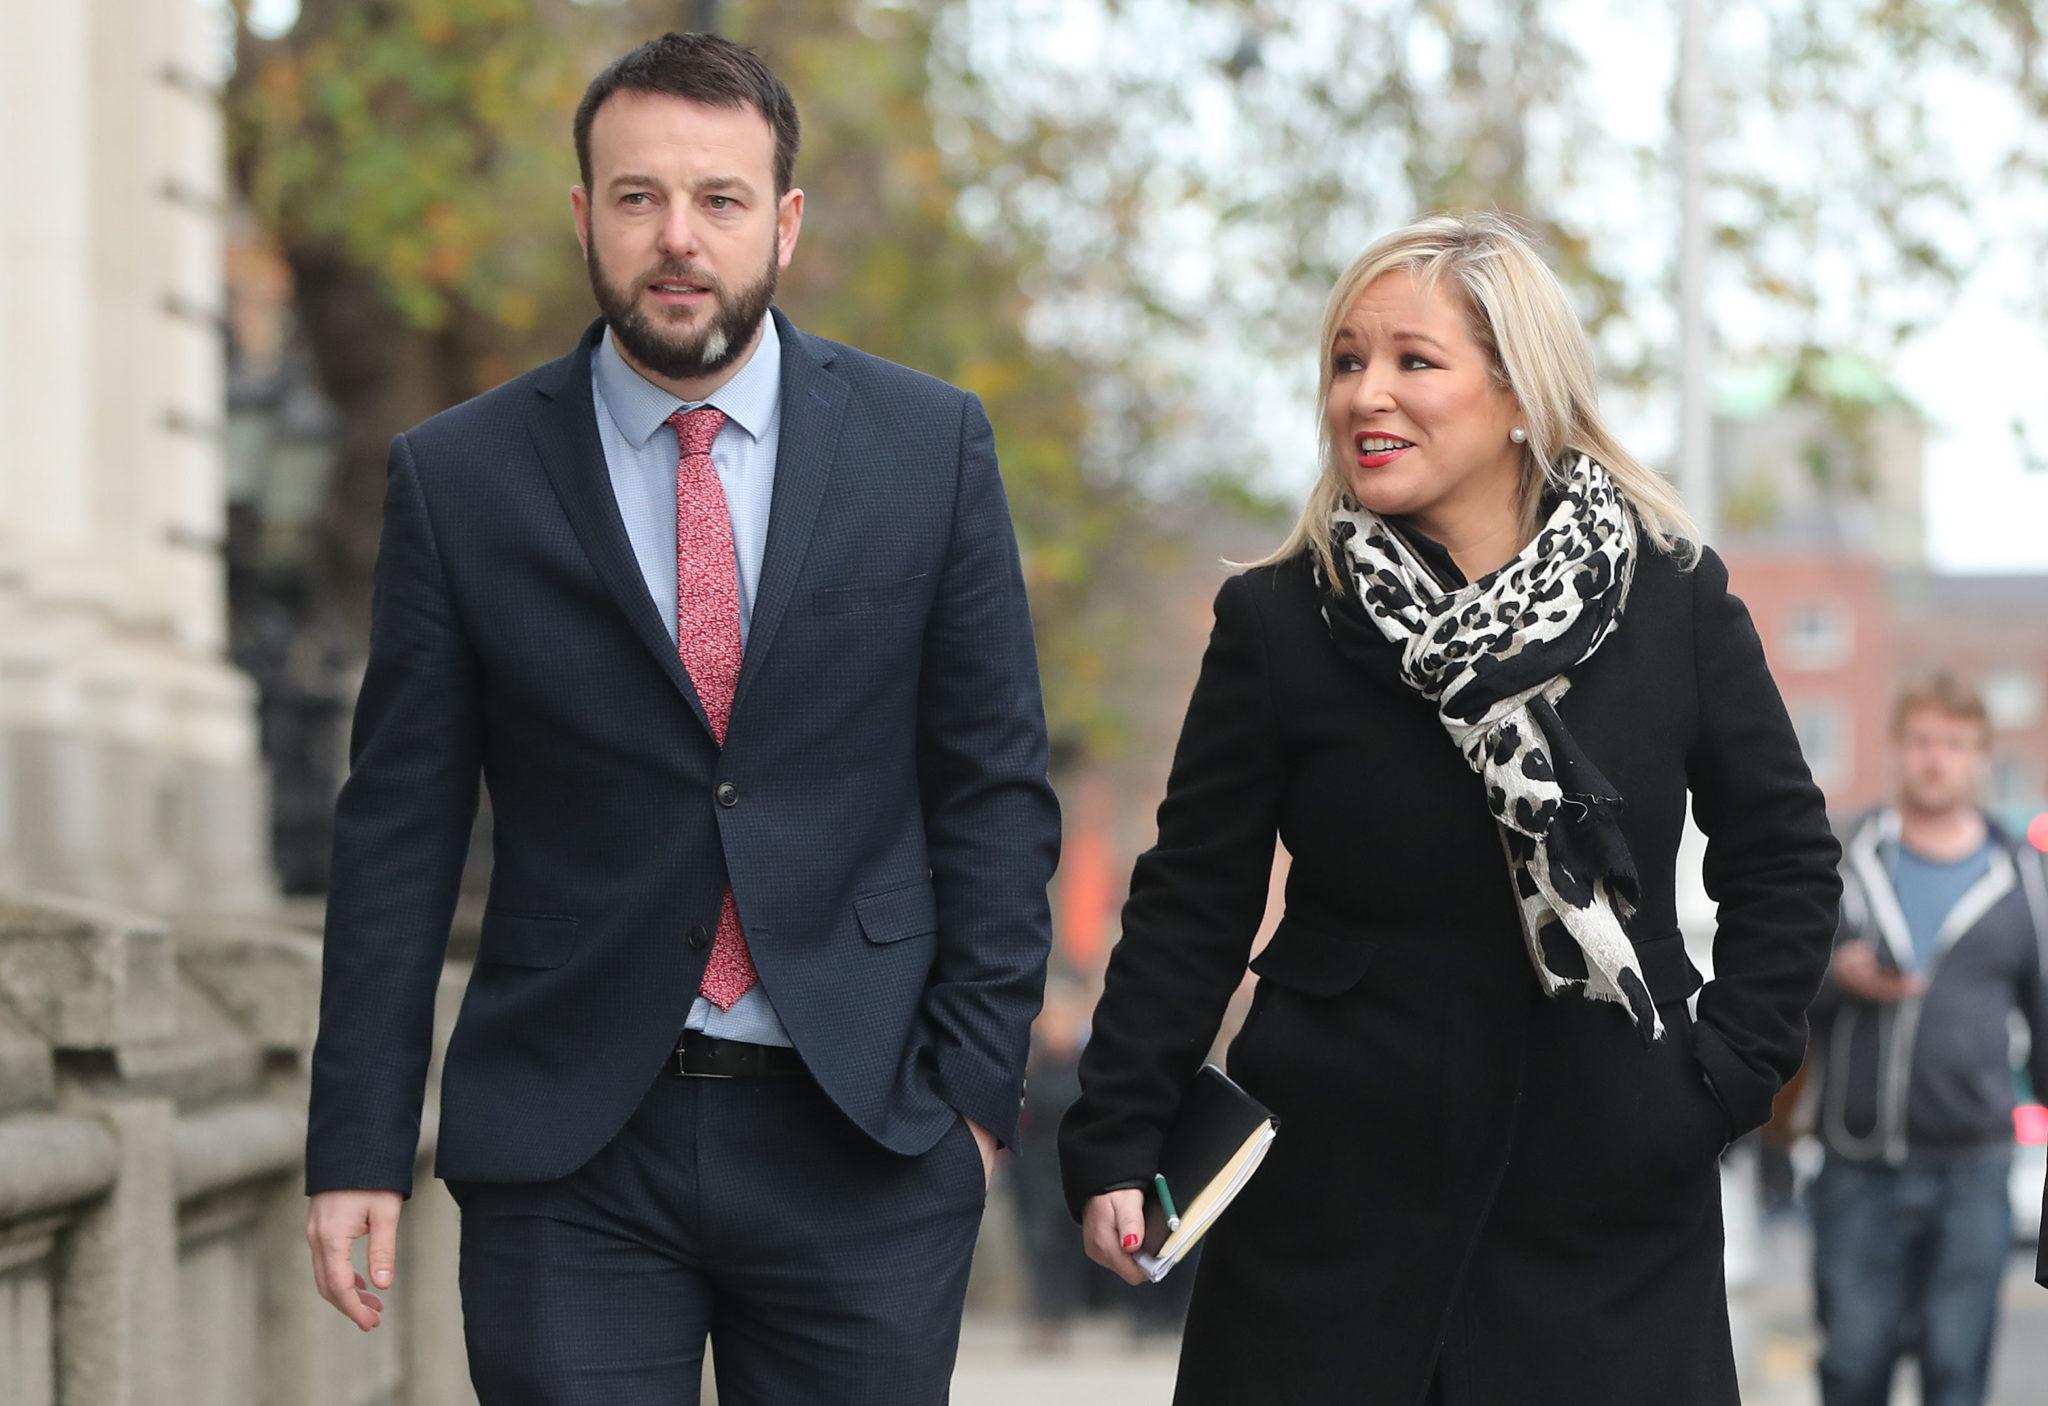 SDLP Leader Colm Eastwood and Sinn Féin Deputy Leader Michelle O'Neill